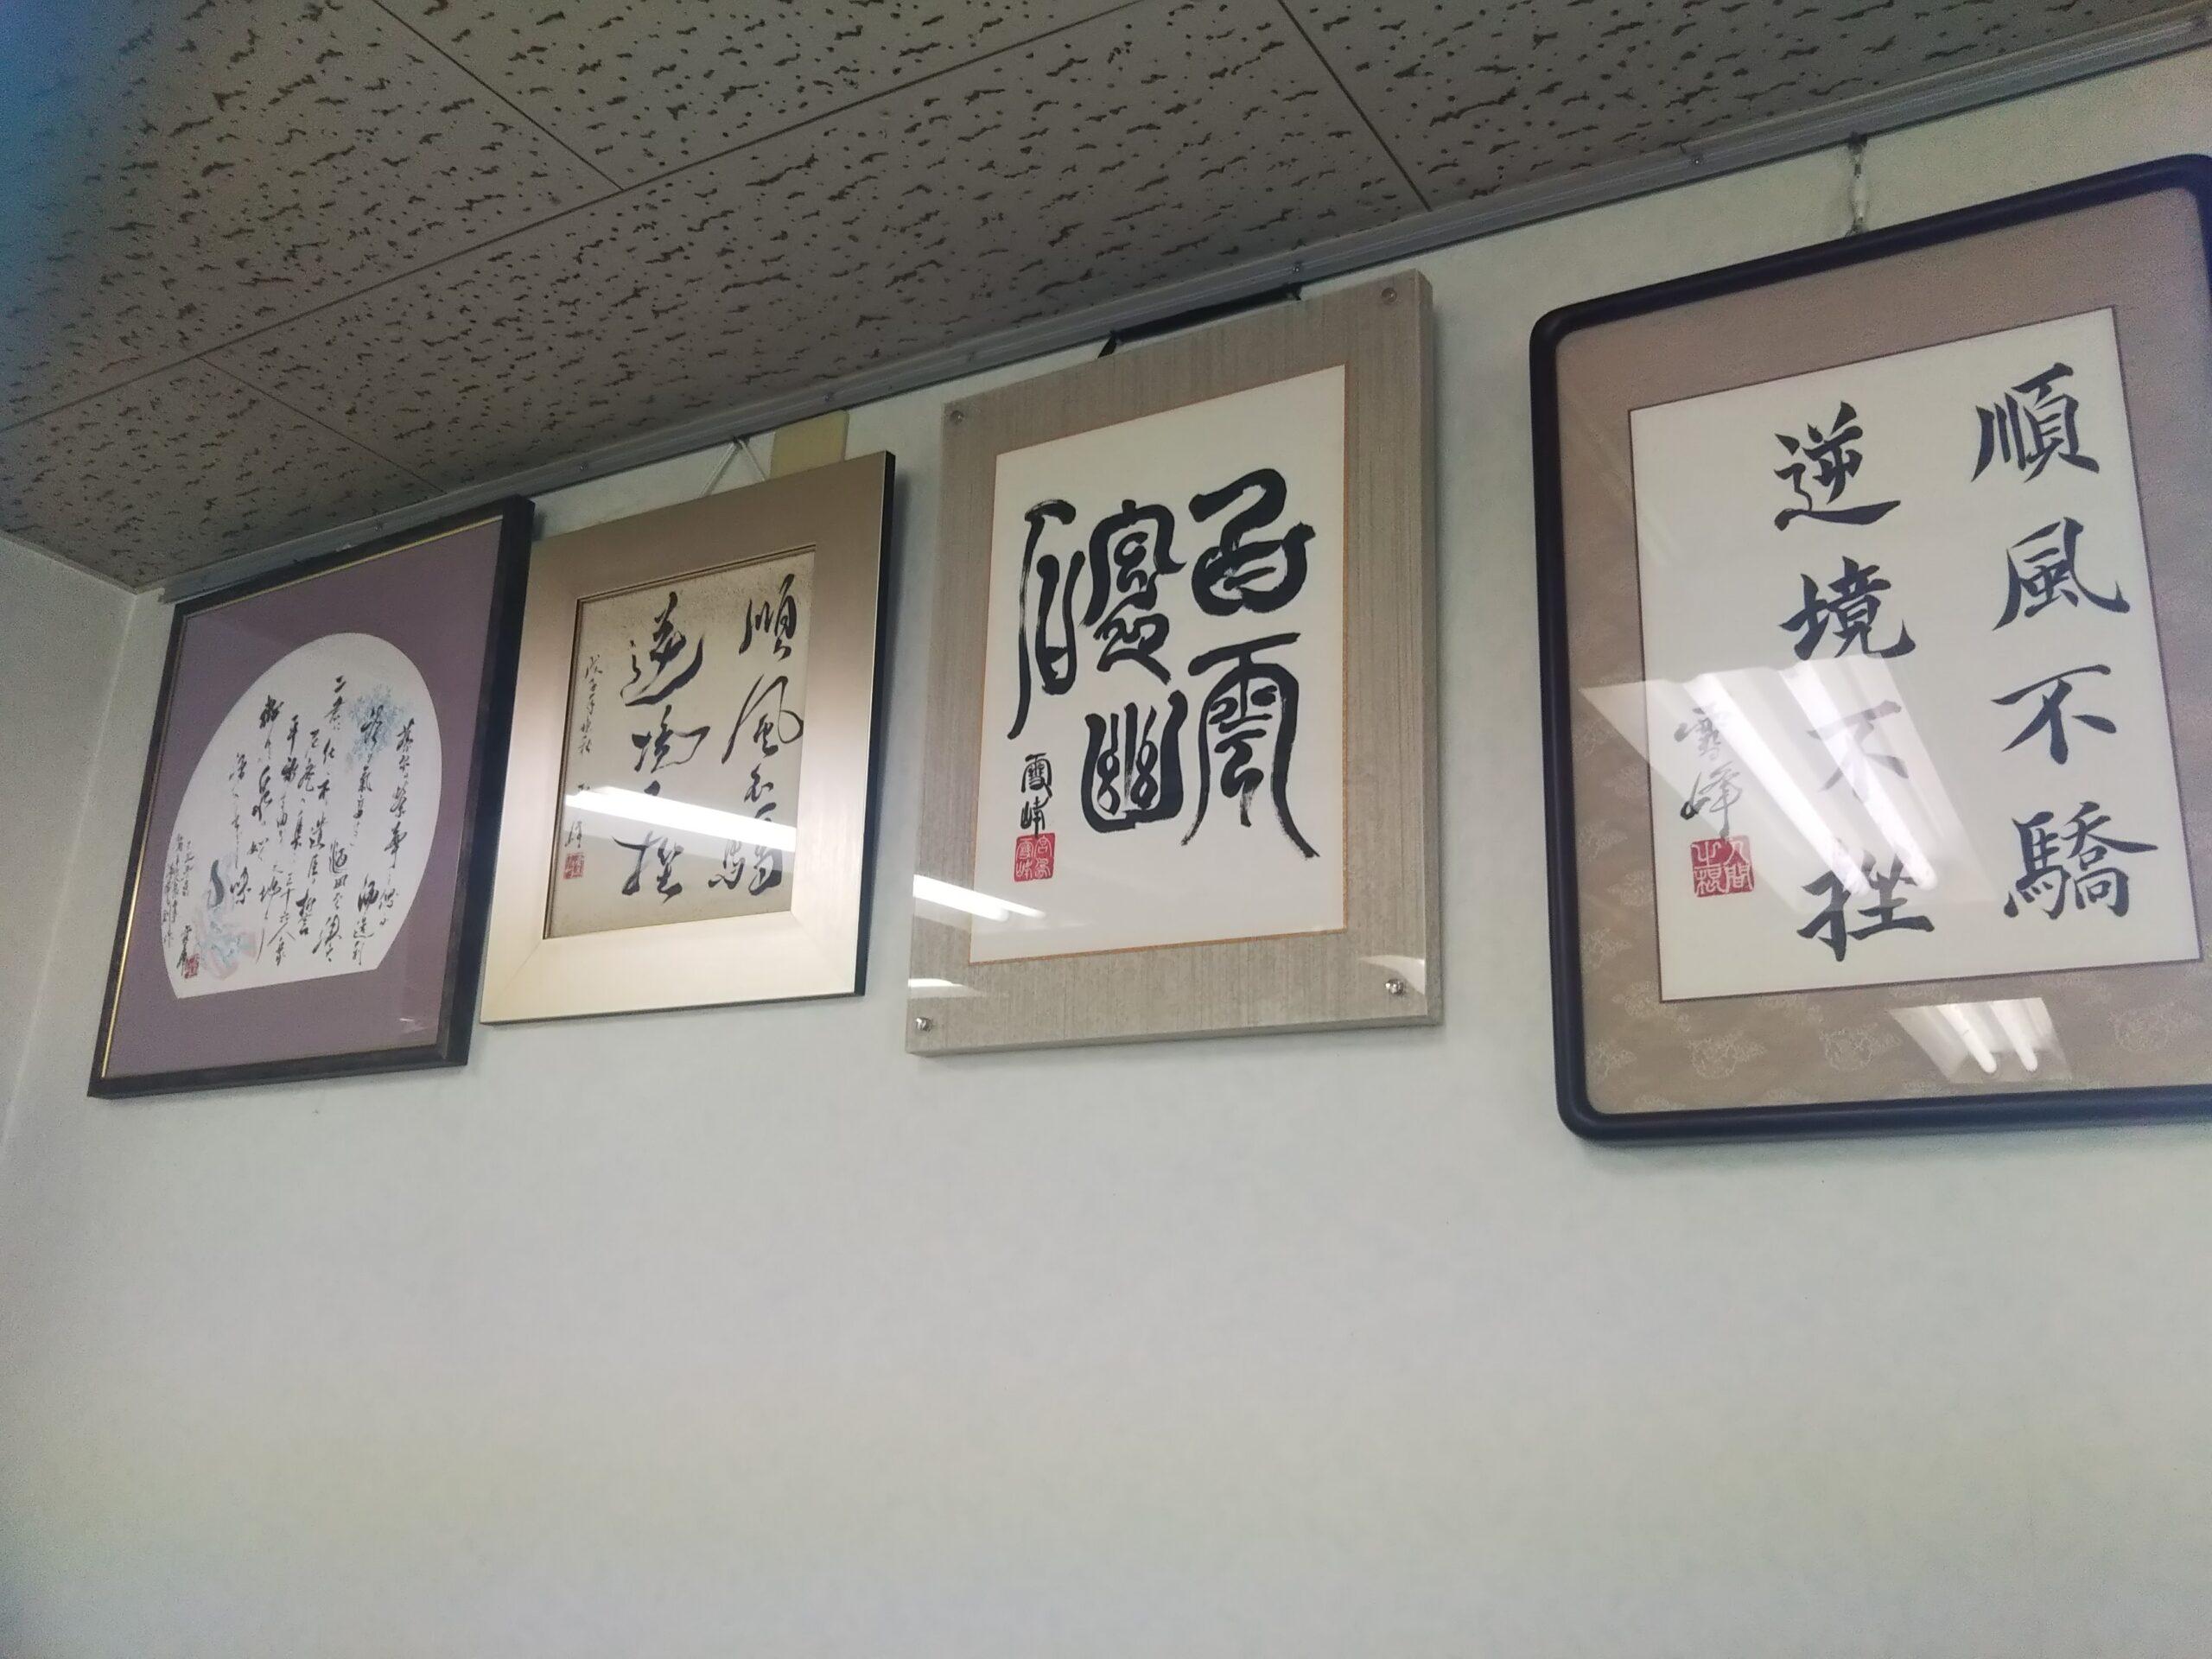 反町横浜囲碁サロンの店内